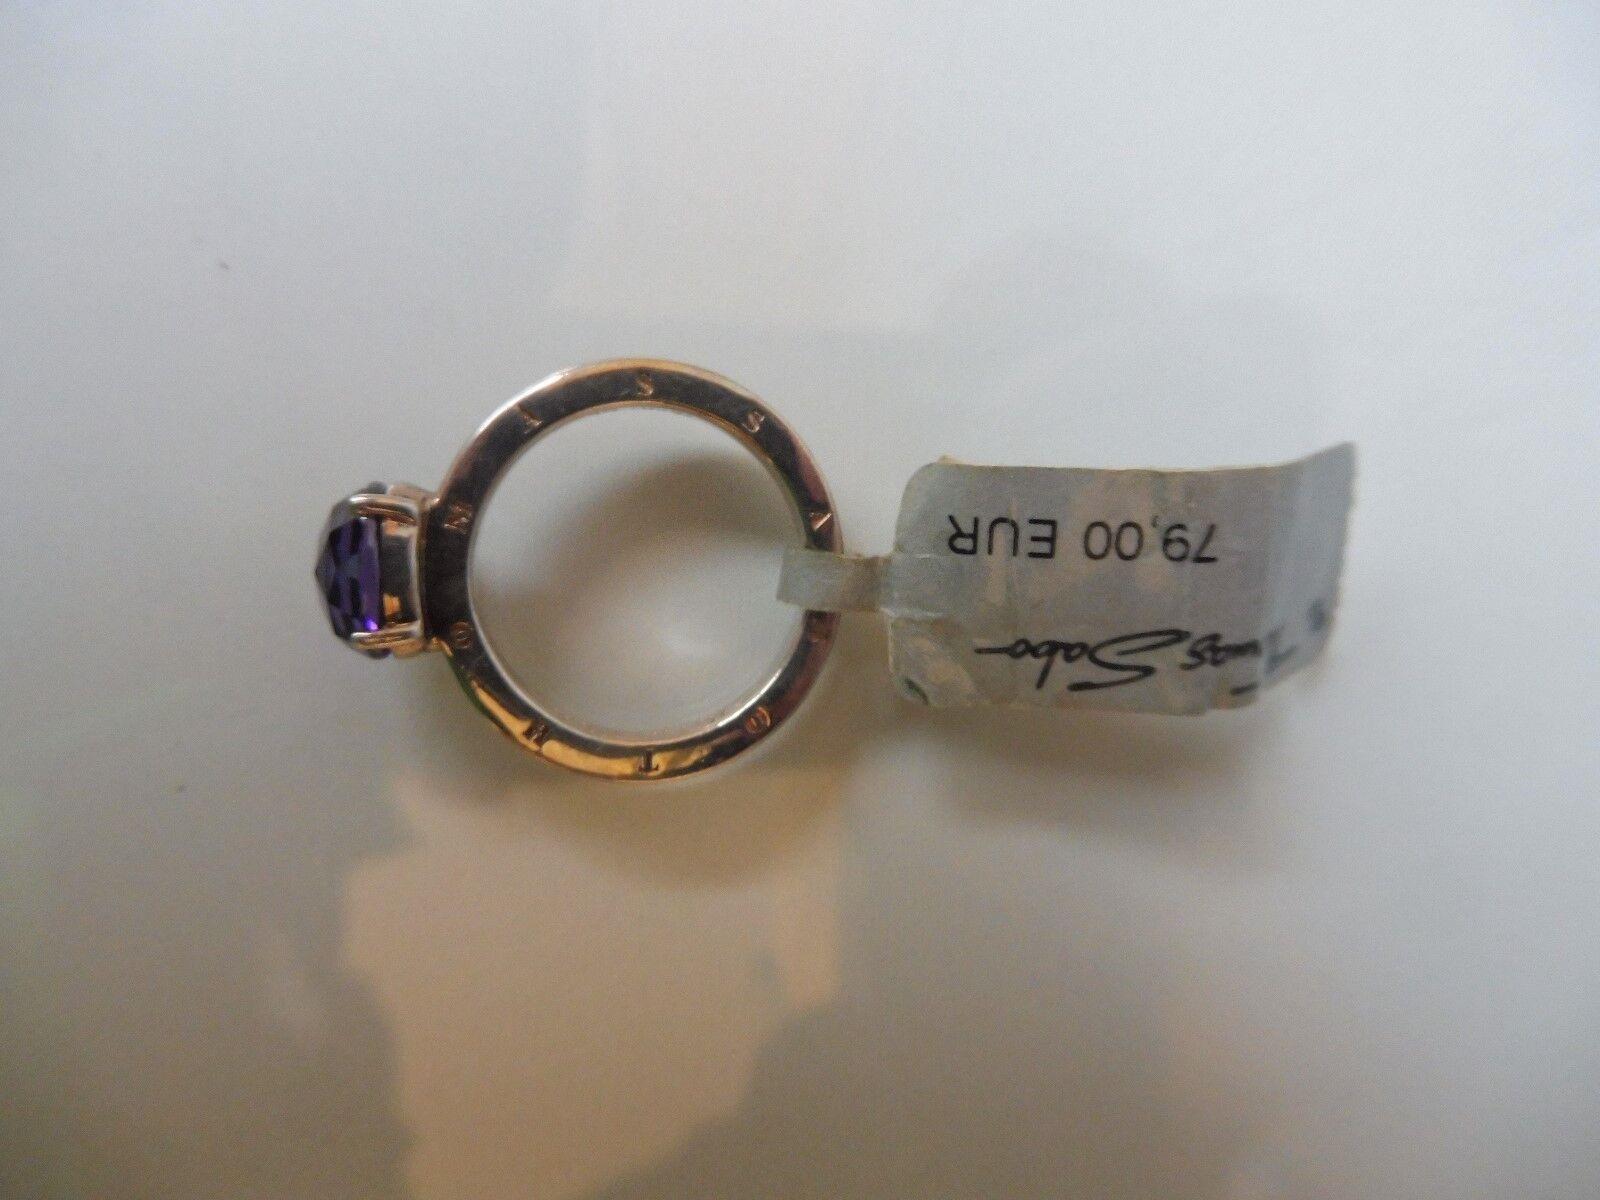 Schöner Ring__925 silver__mit geschliffenem , purple Stein__Thomas Sabo__